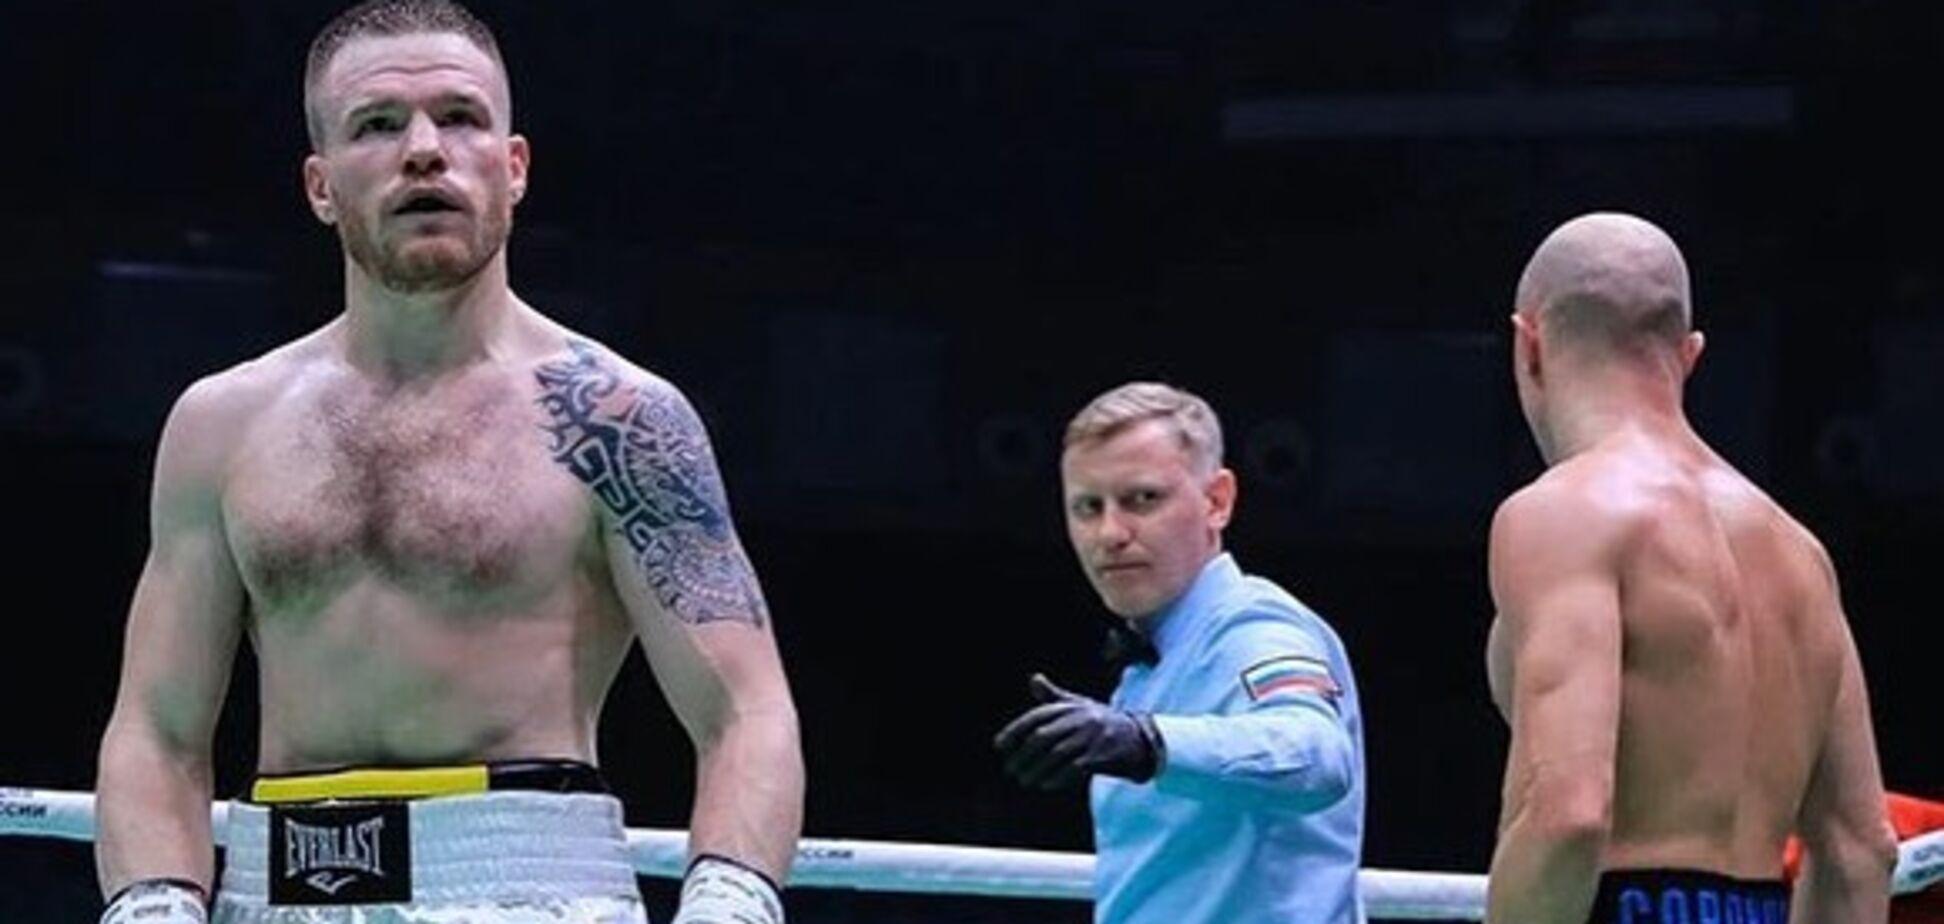 'Голову компостировали': российский боксер-чемпион обманул про Крым и поплатился